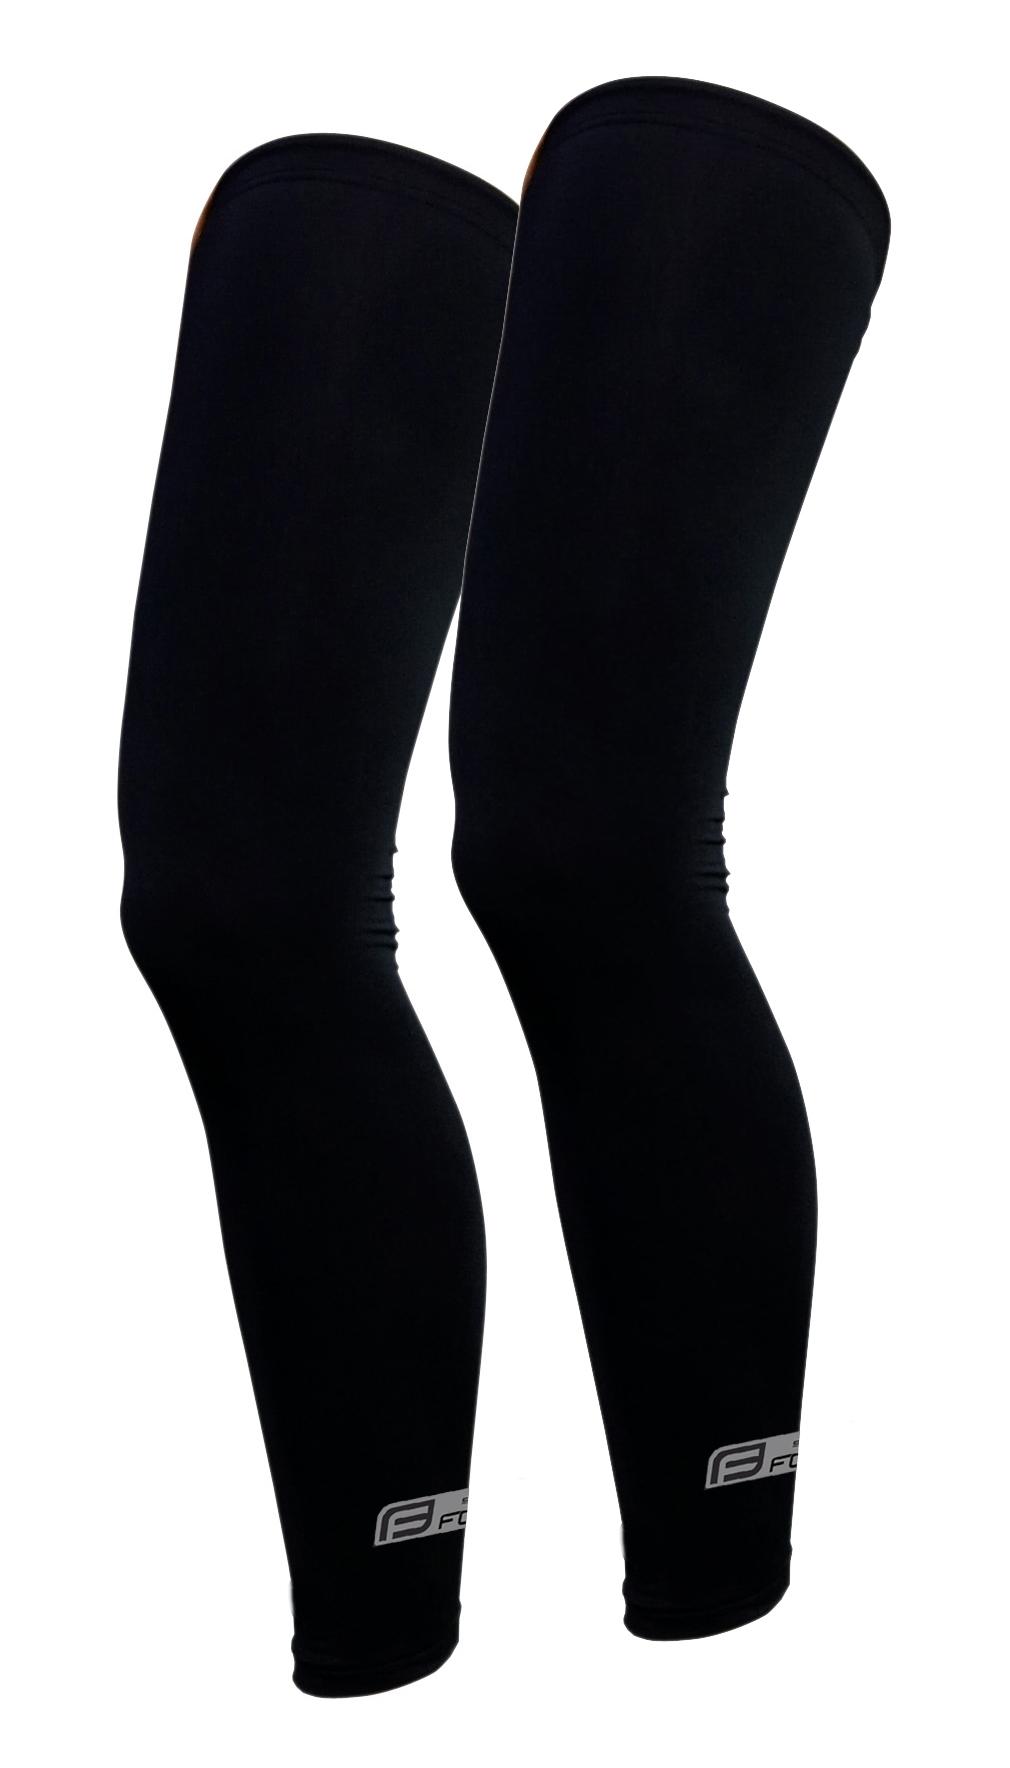 návleky na nohy FORCE RACE, lepené, černé